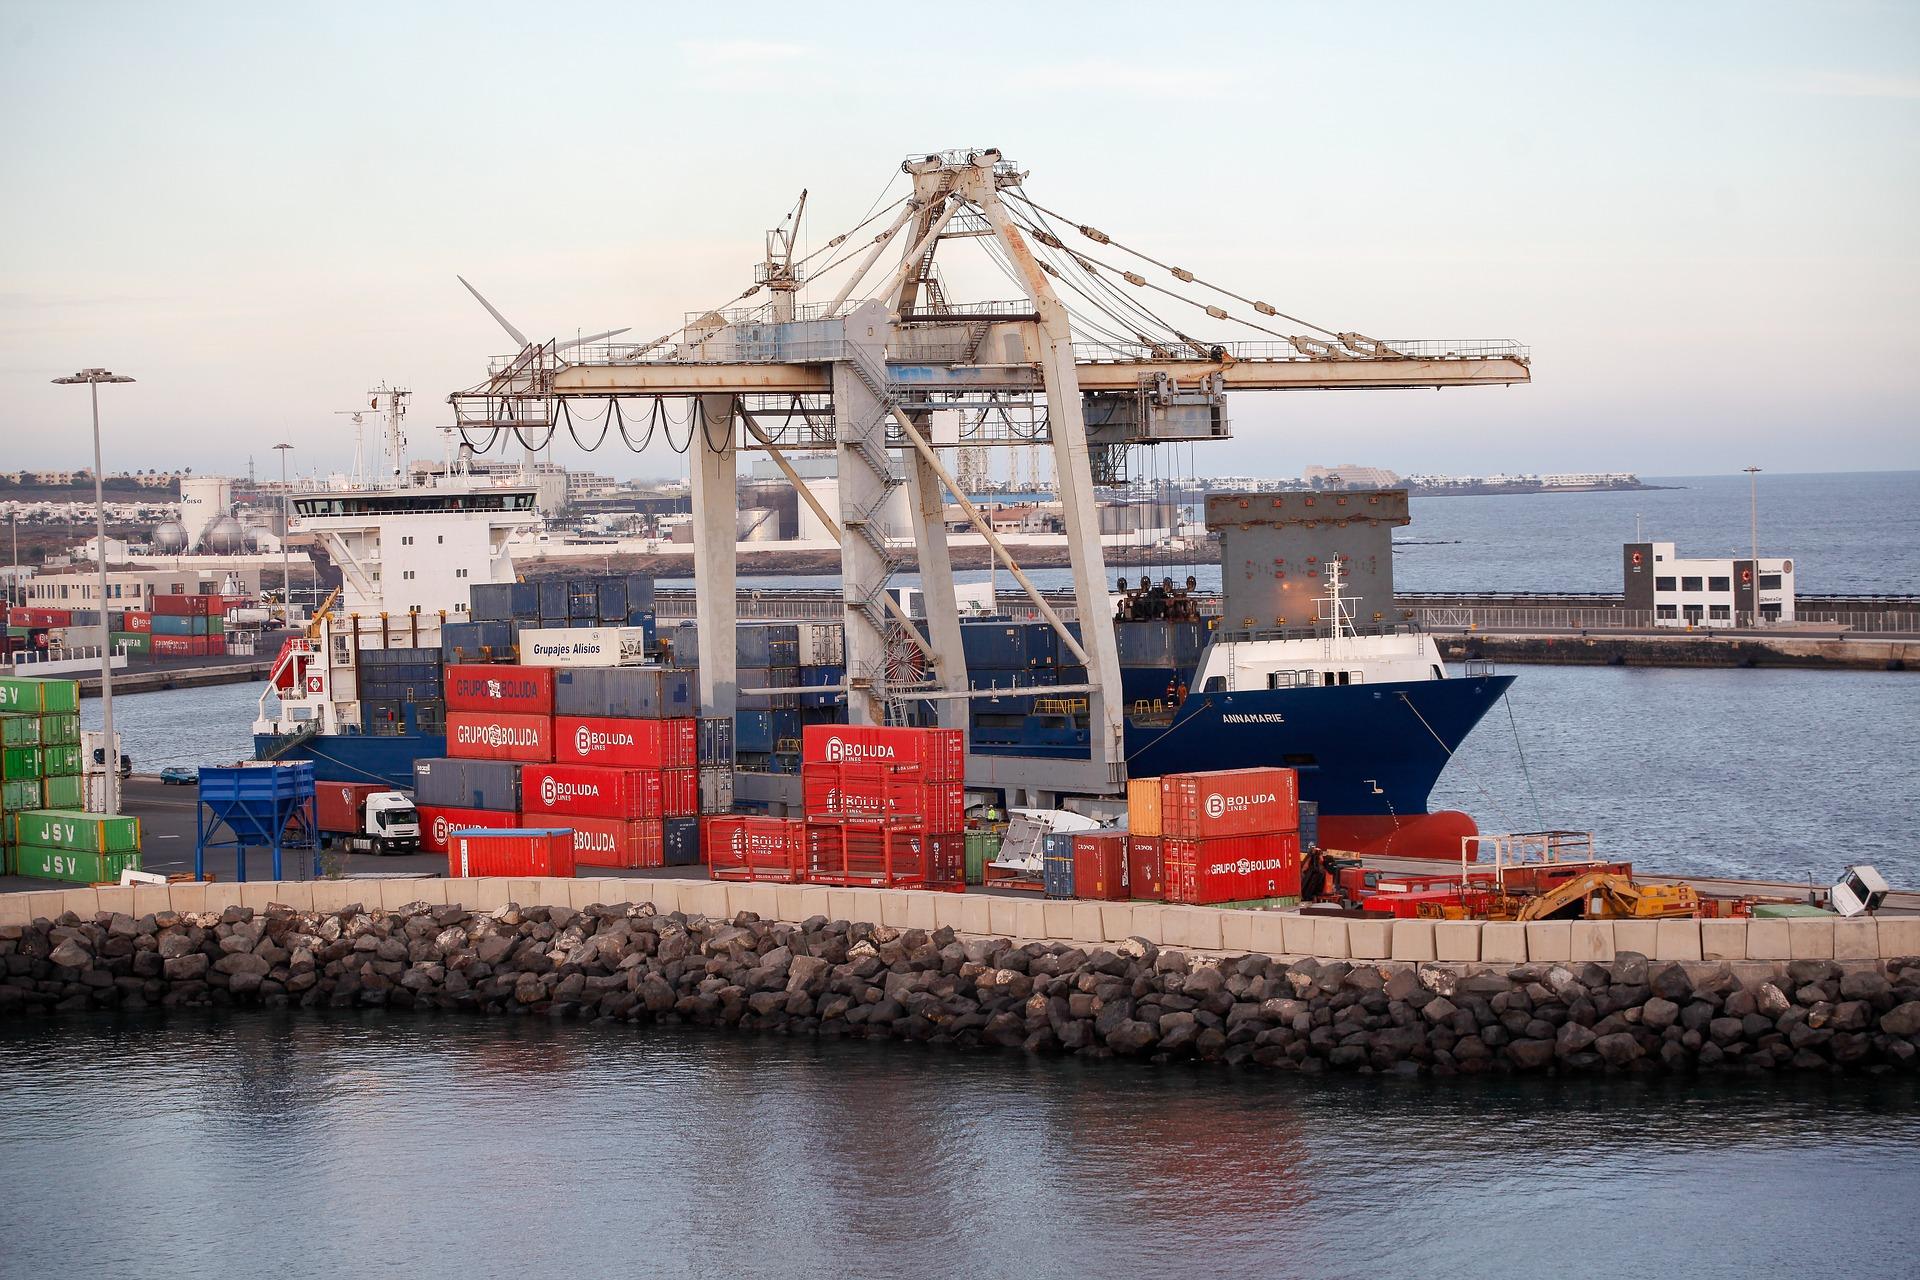 Мінінфраструктури готує концесію першого та контейнерного терміналів в порту Чорноморська